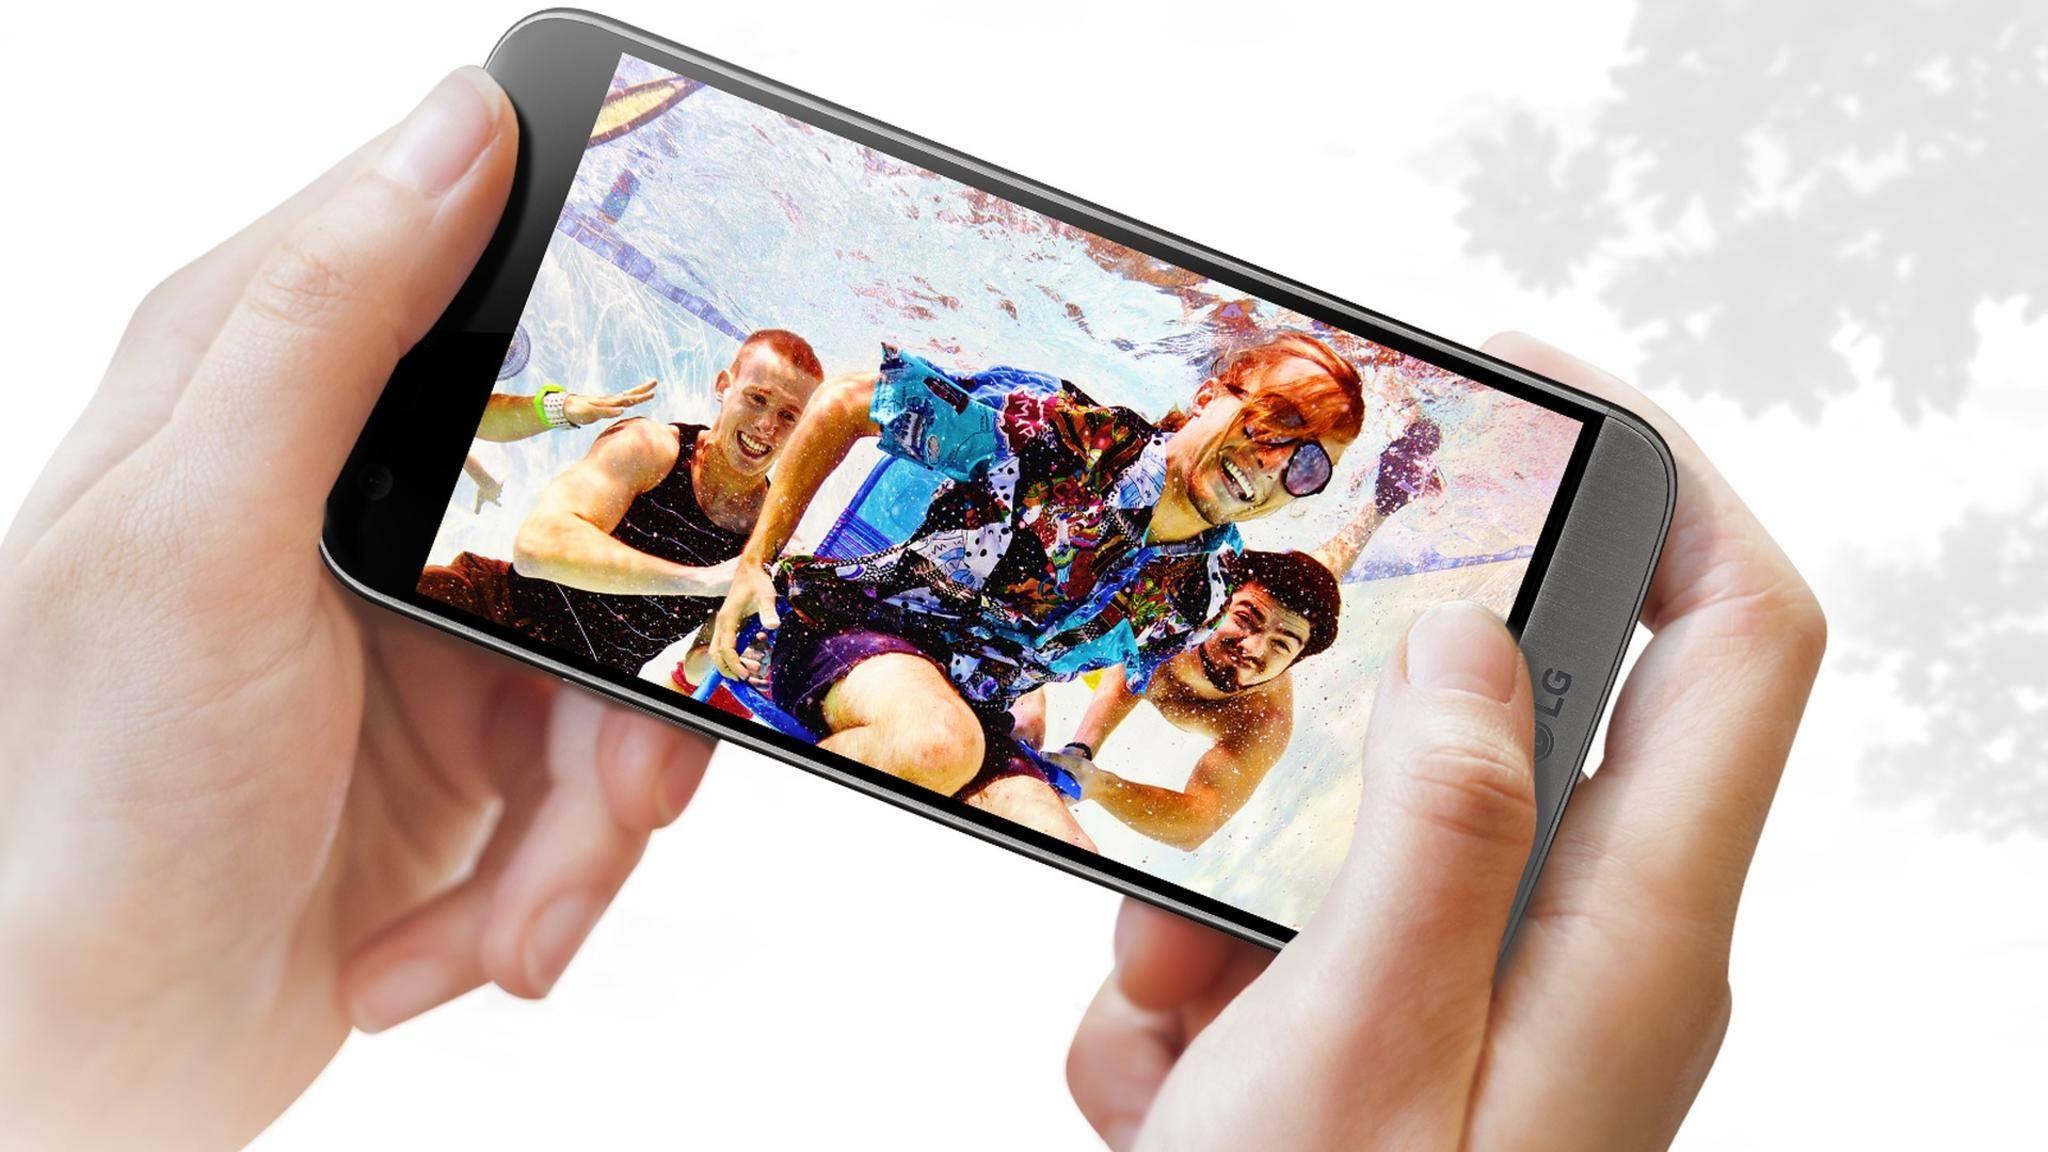 Das LG G6 sieht laut einem ersten Leak fast genauso aus wie das LG G5.